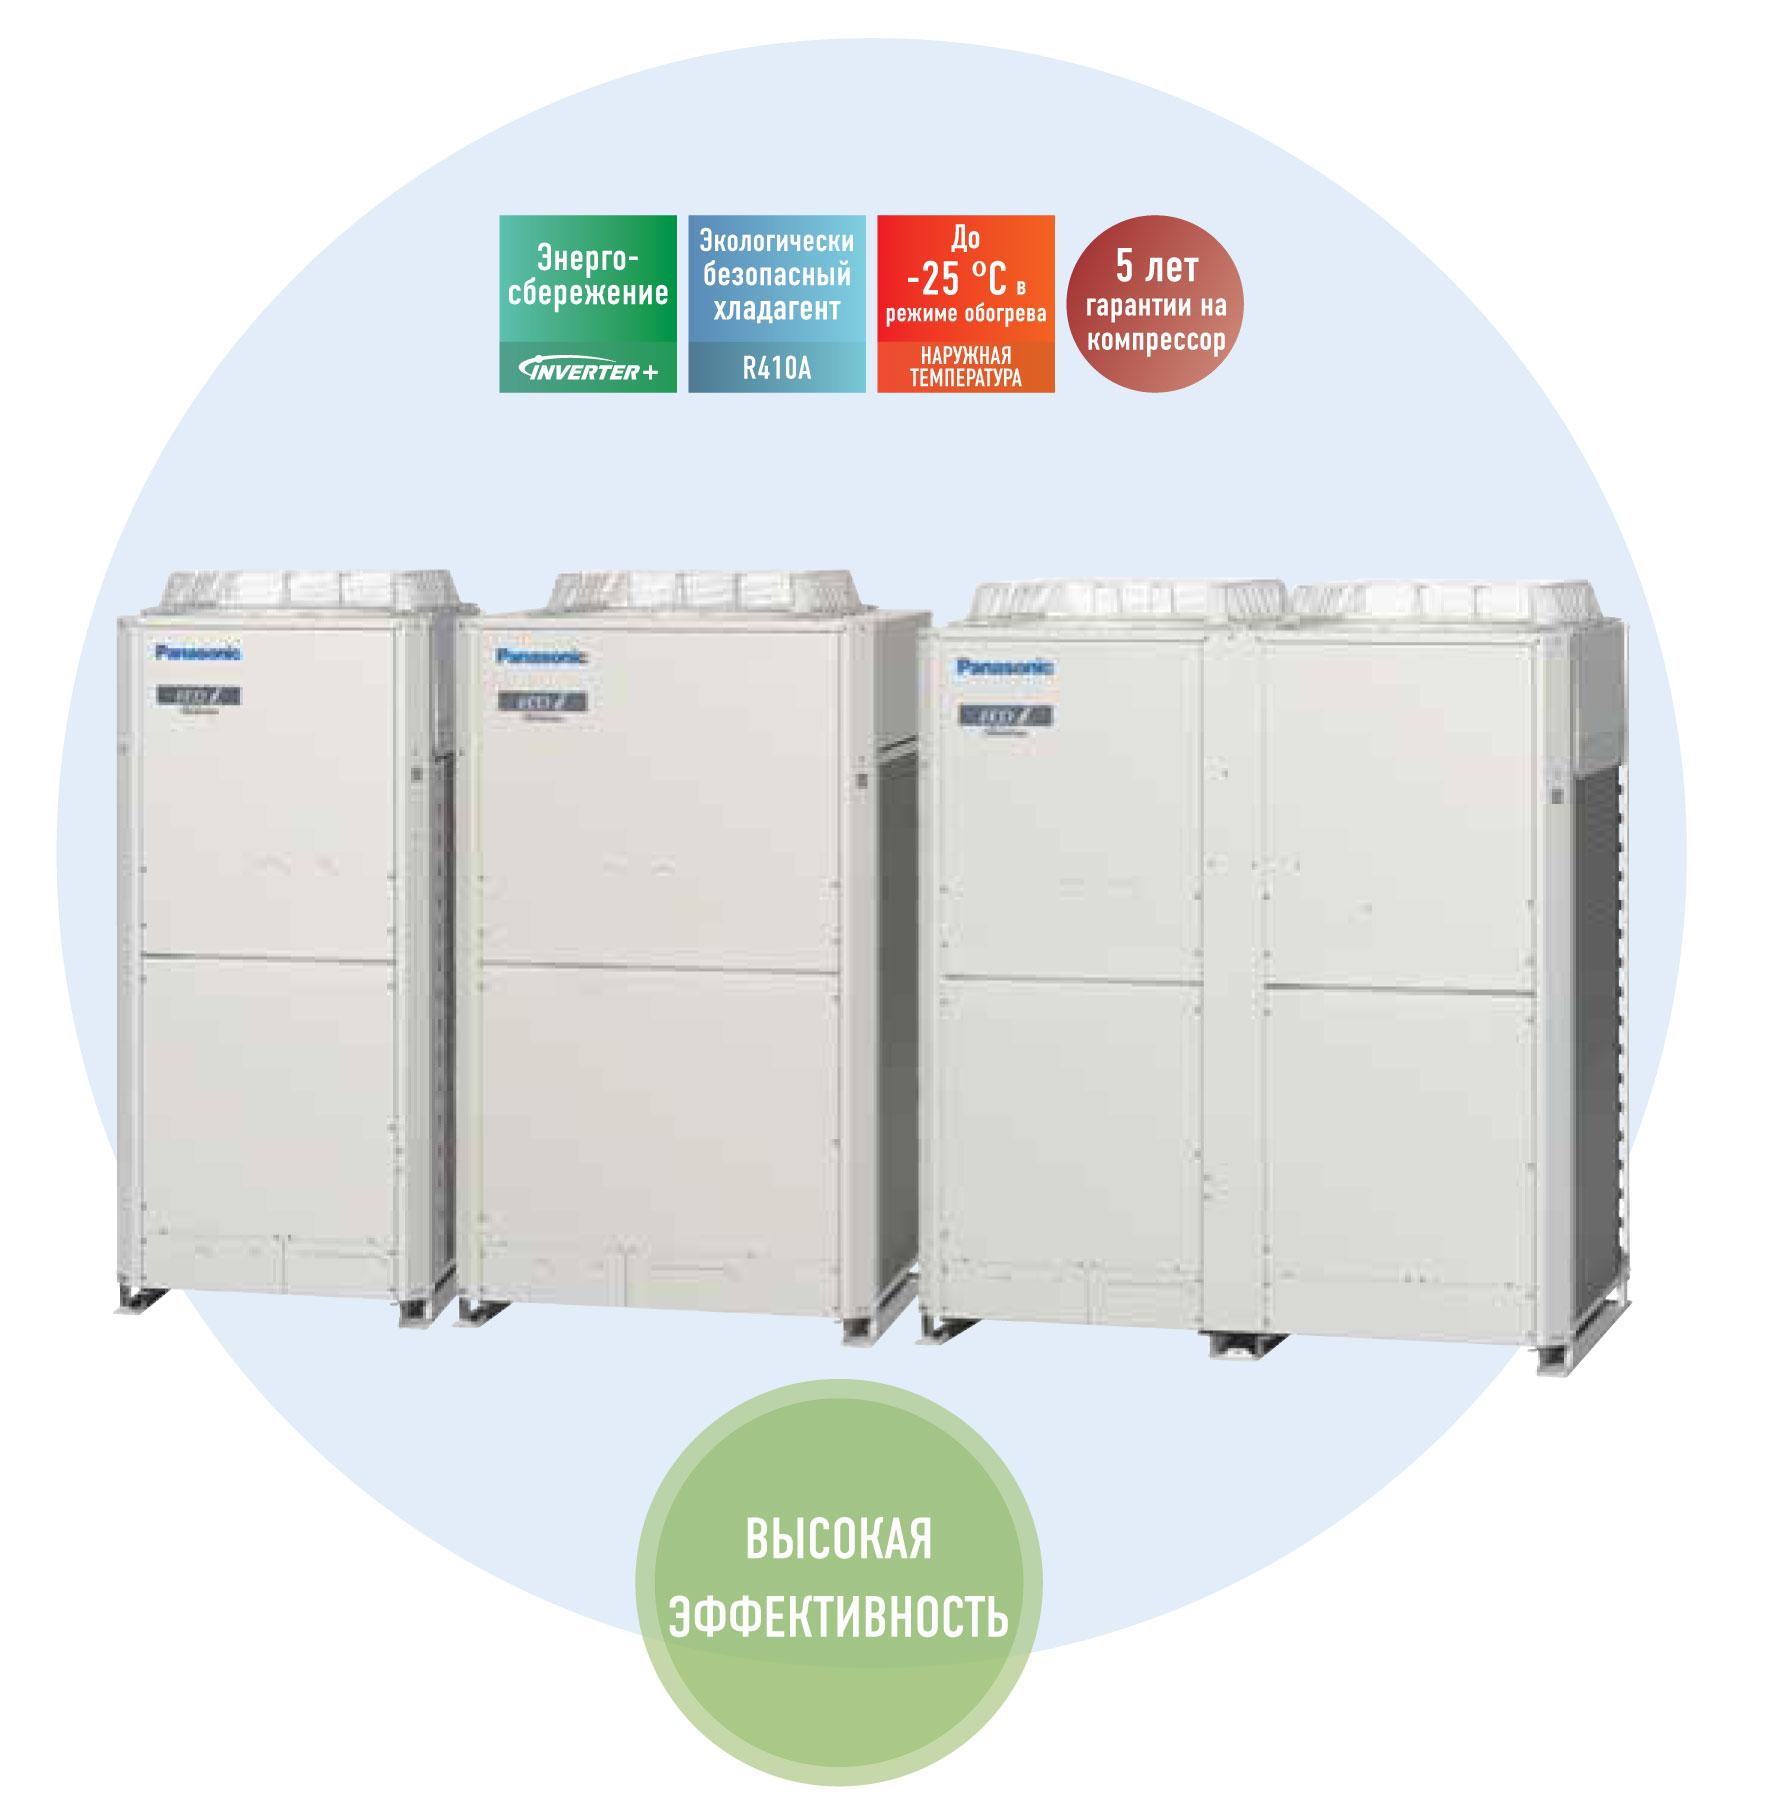 Система Panasonic з газопрводними і електричними блоками